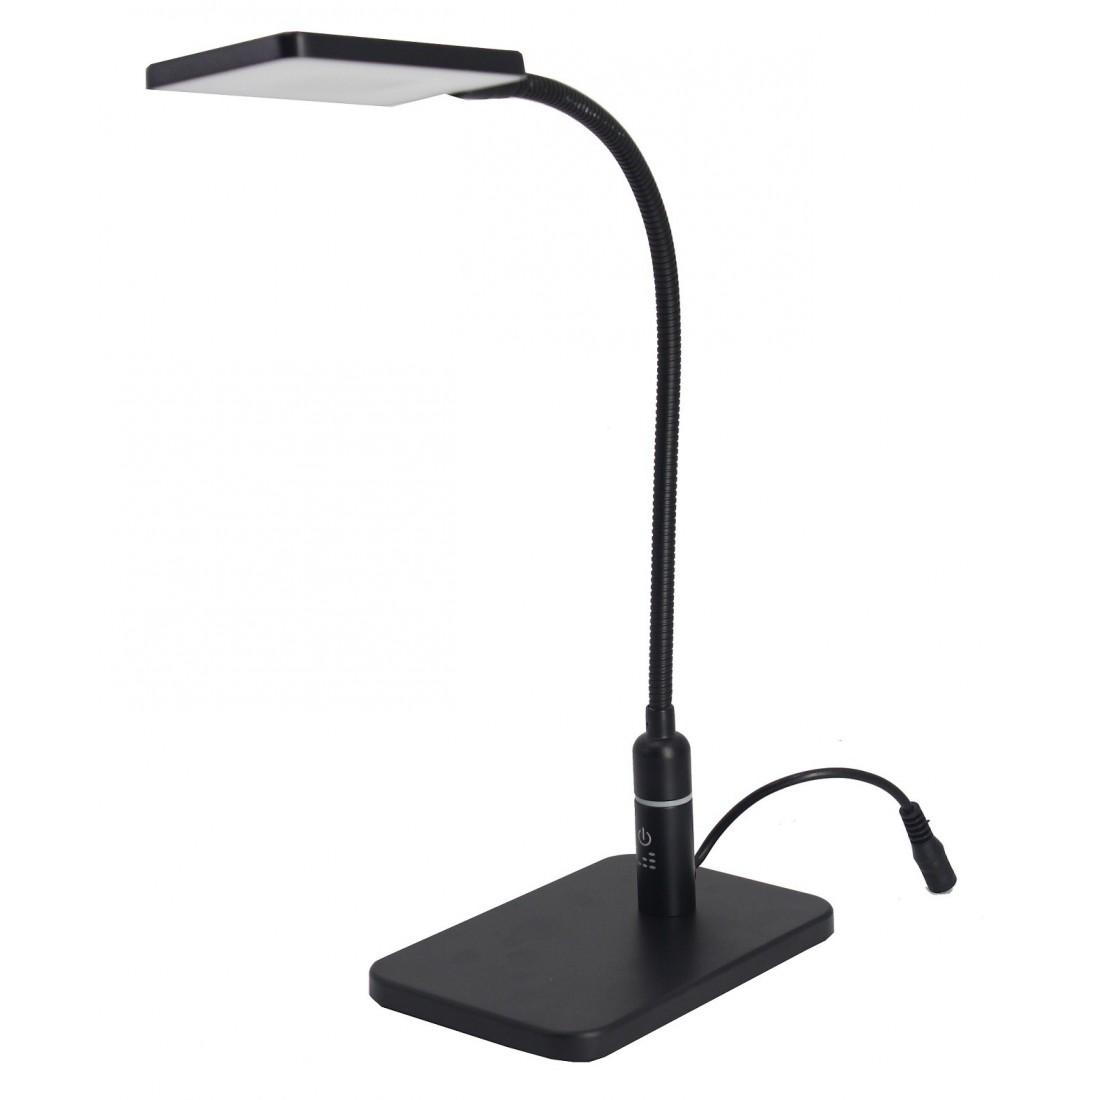 Aplique para ba o luz led apliques para ba o de dise o - Apliques de luz para banos ...